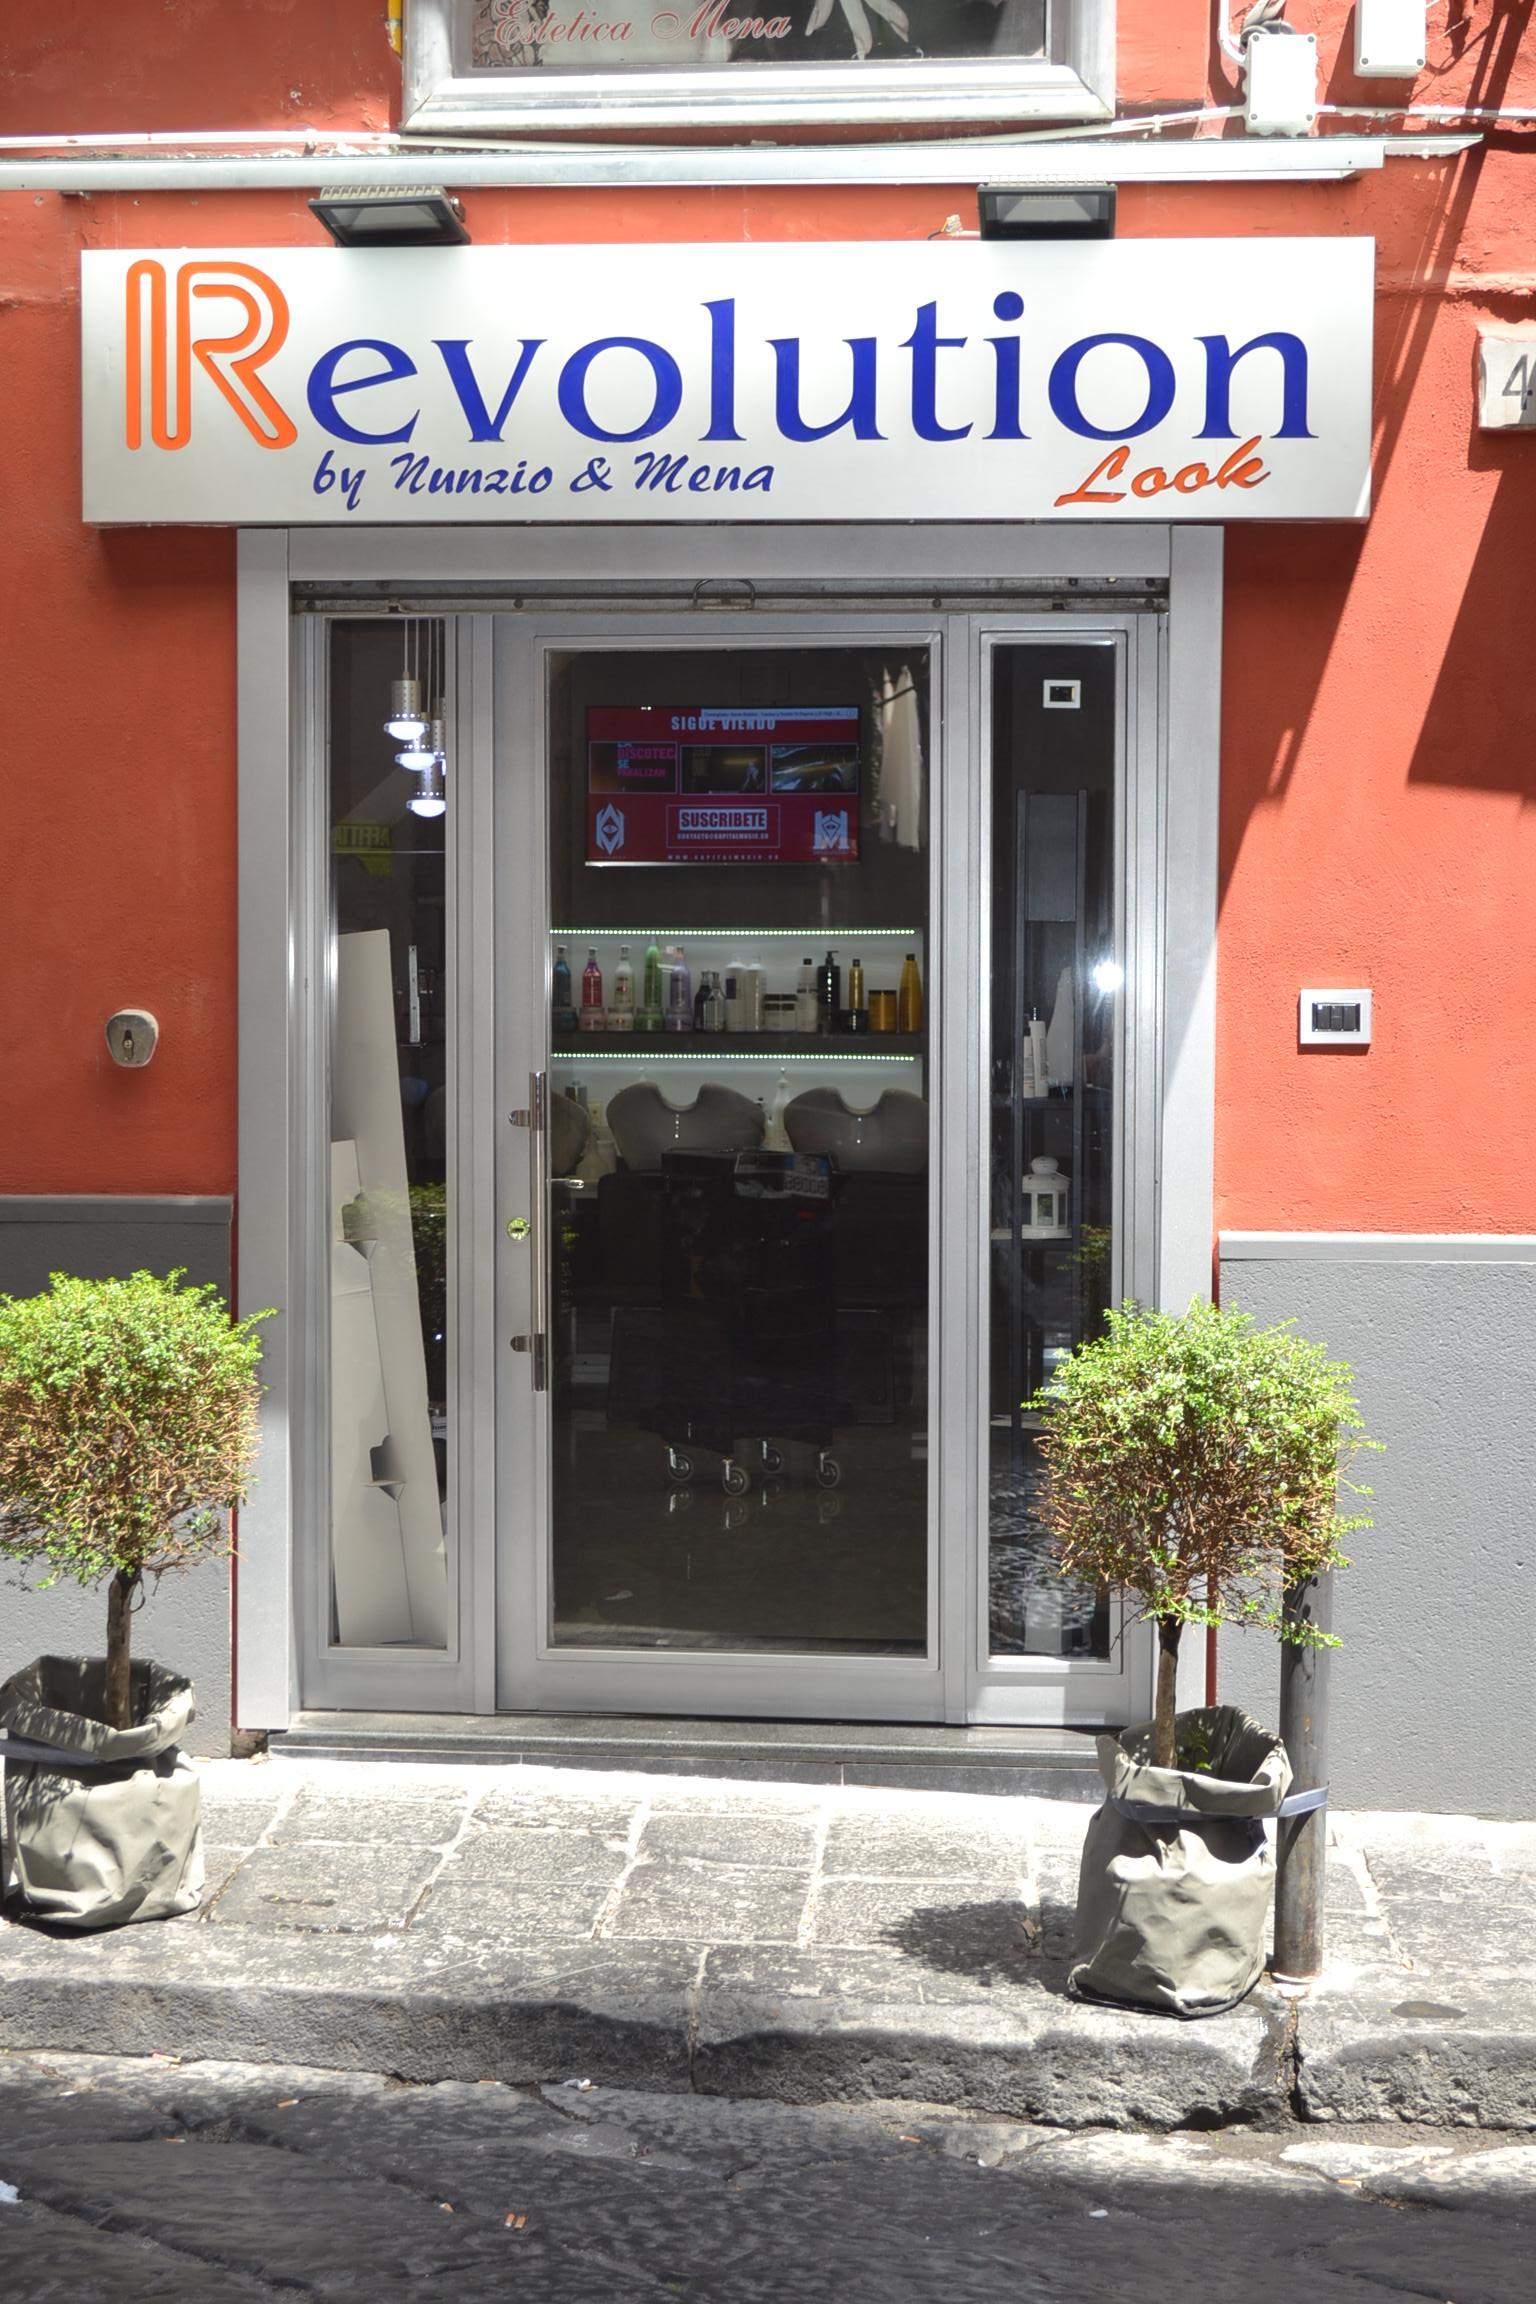 Revolution Look